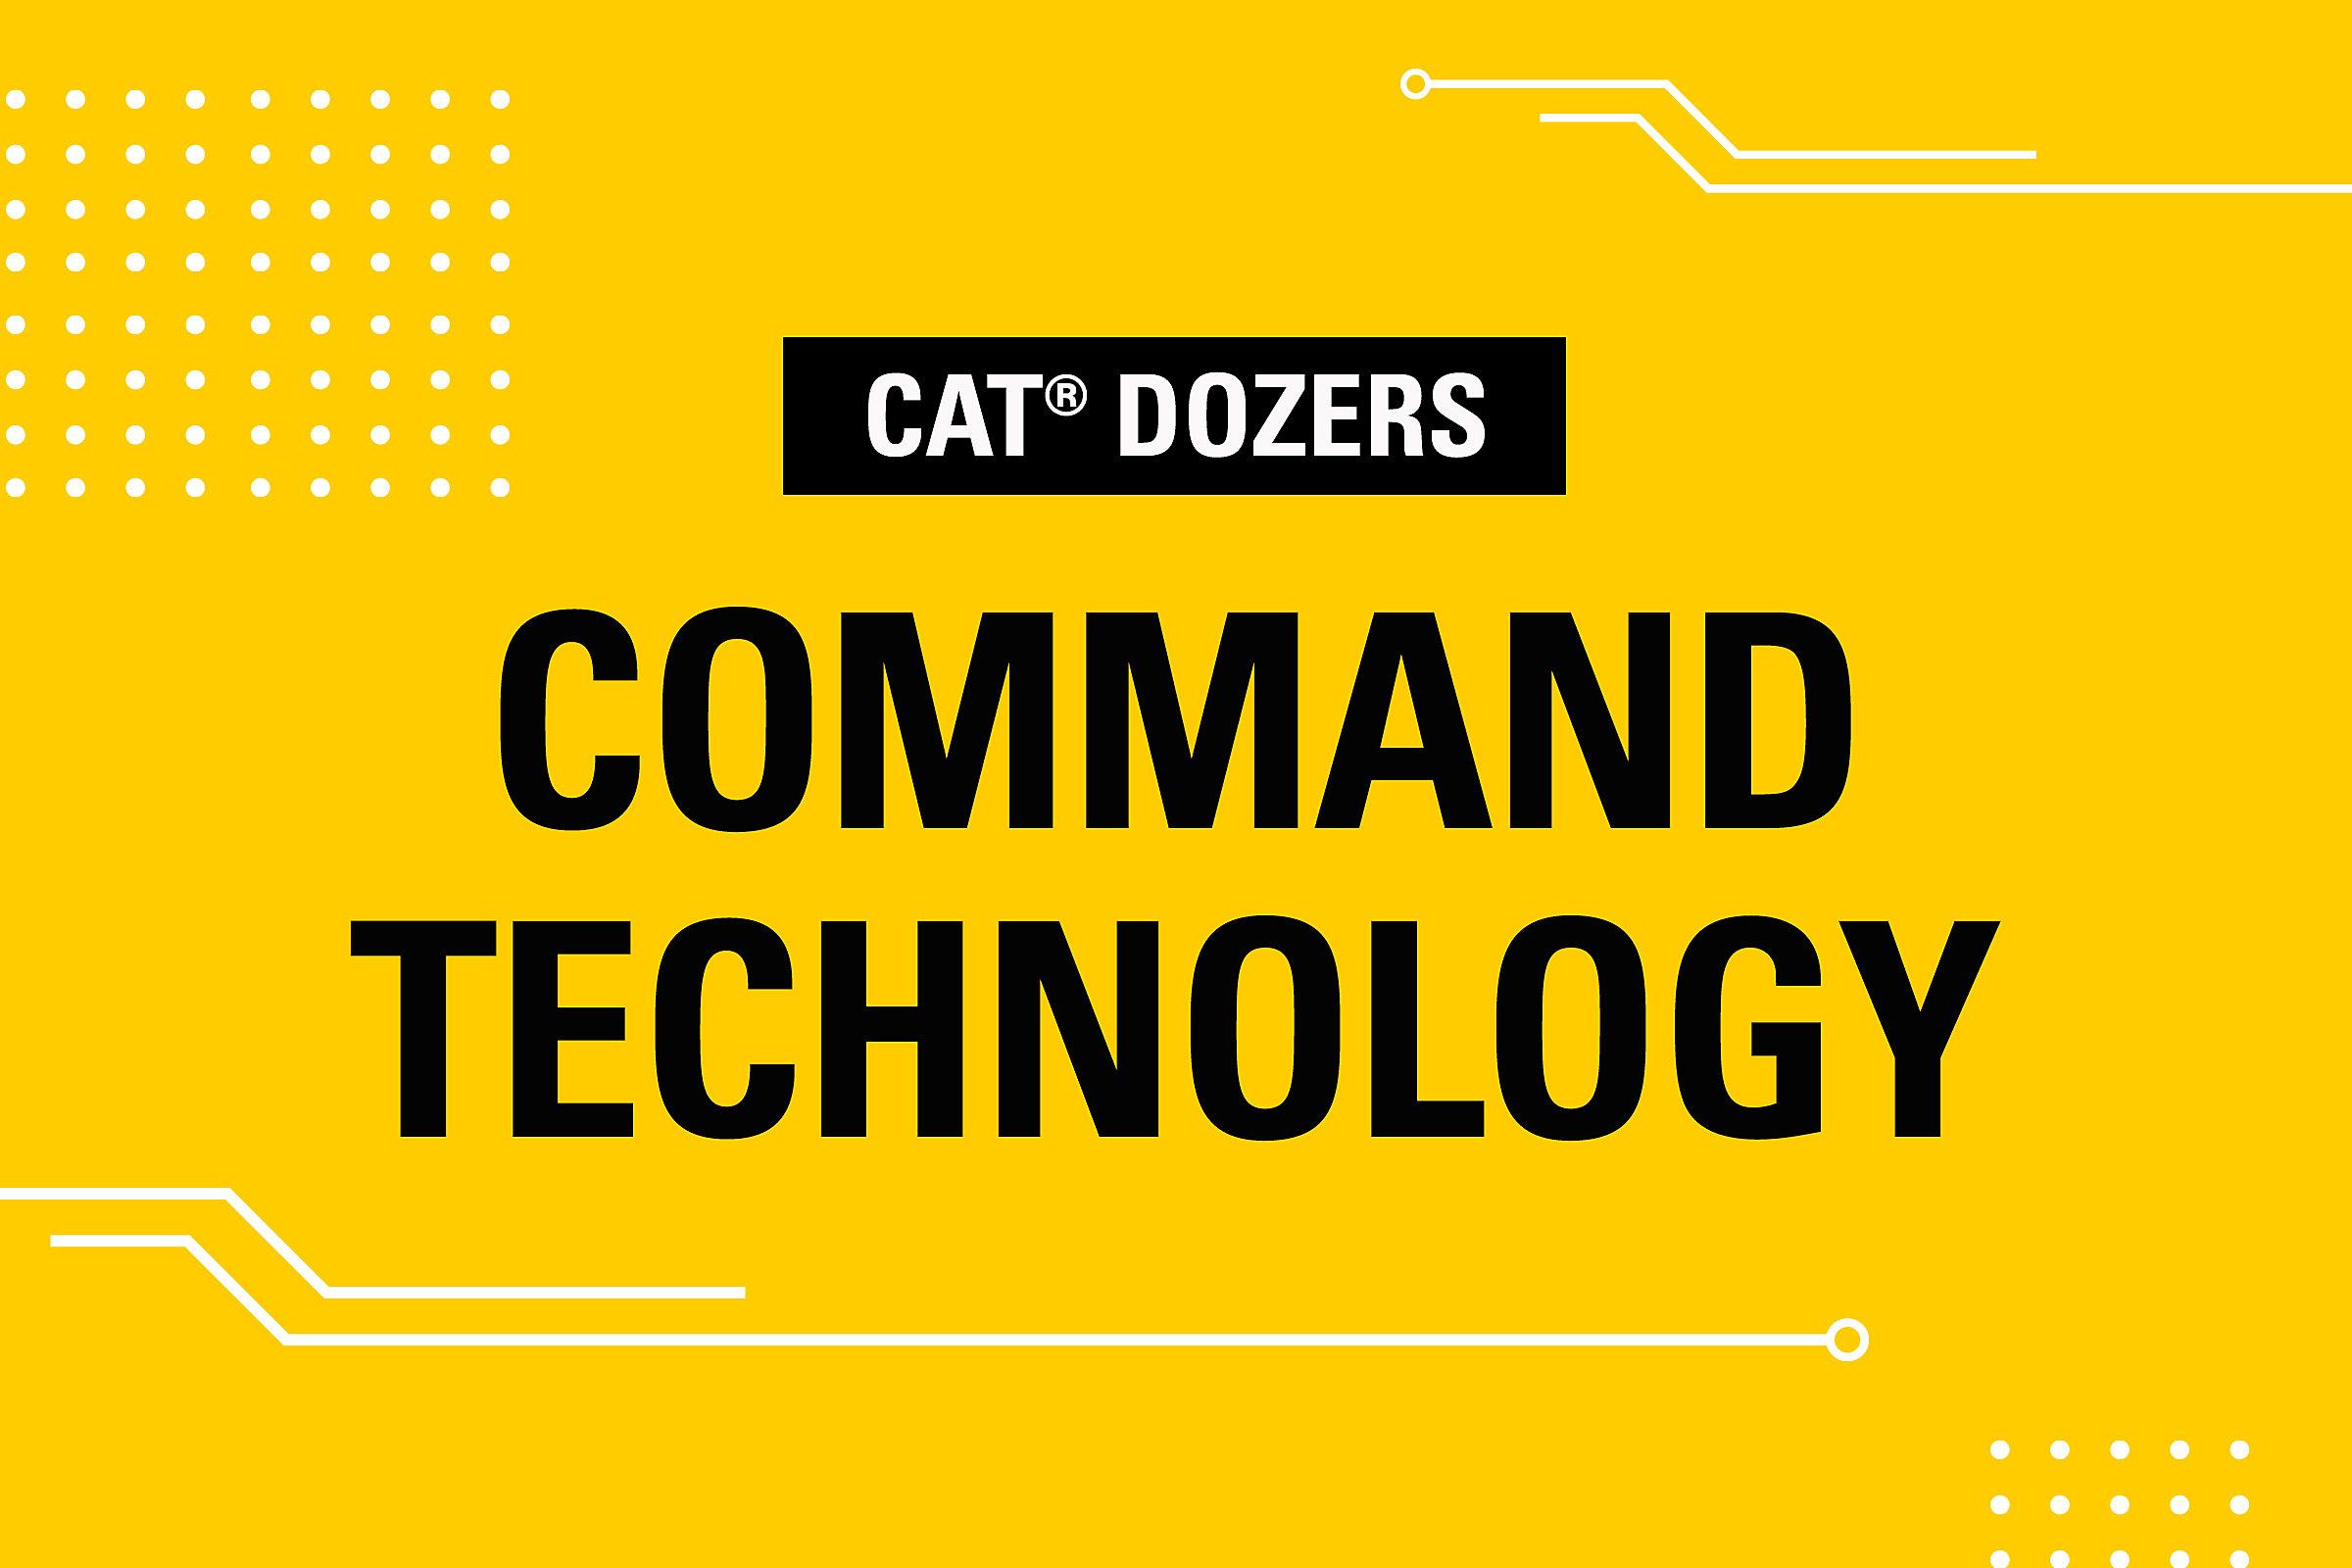 Dozer Command Technology